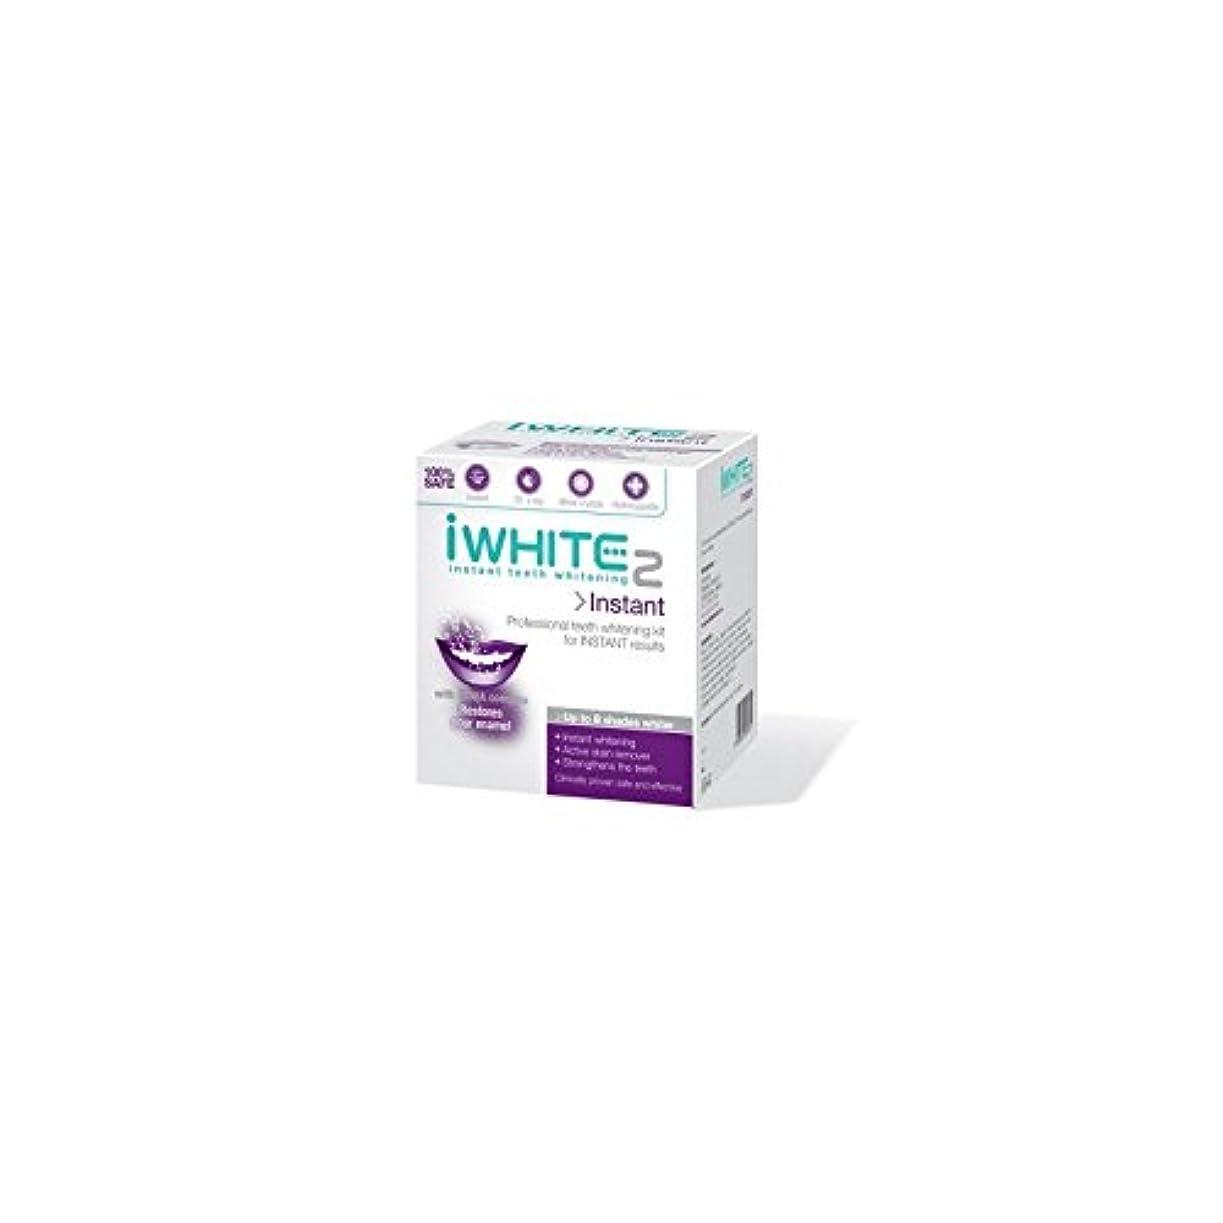 可塑性モデレータ検出するインスタントキットを白く2本のプロ歯(10トレイ) x4 - iWhite Instant 2 Professional Teeth Whitening Kit (10 Trays) (Pack of 4) [並行輸入品]